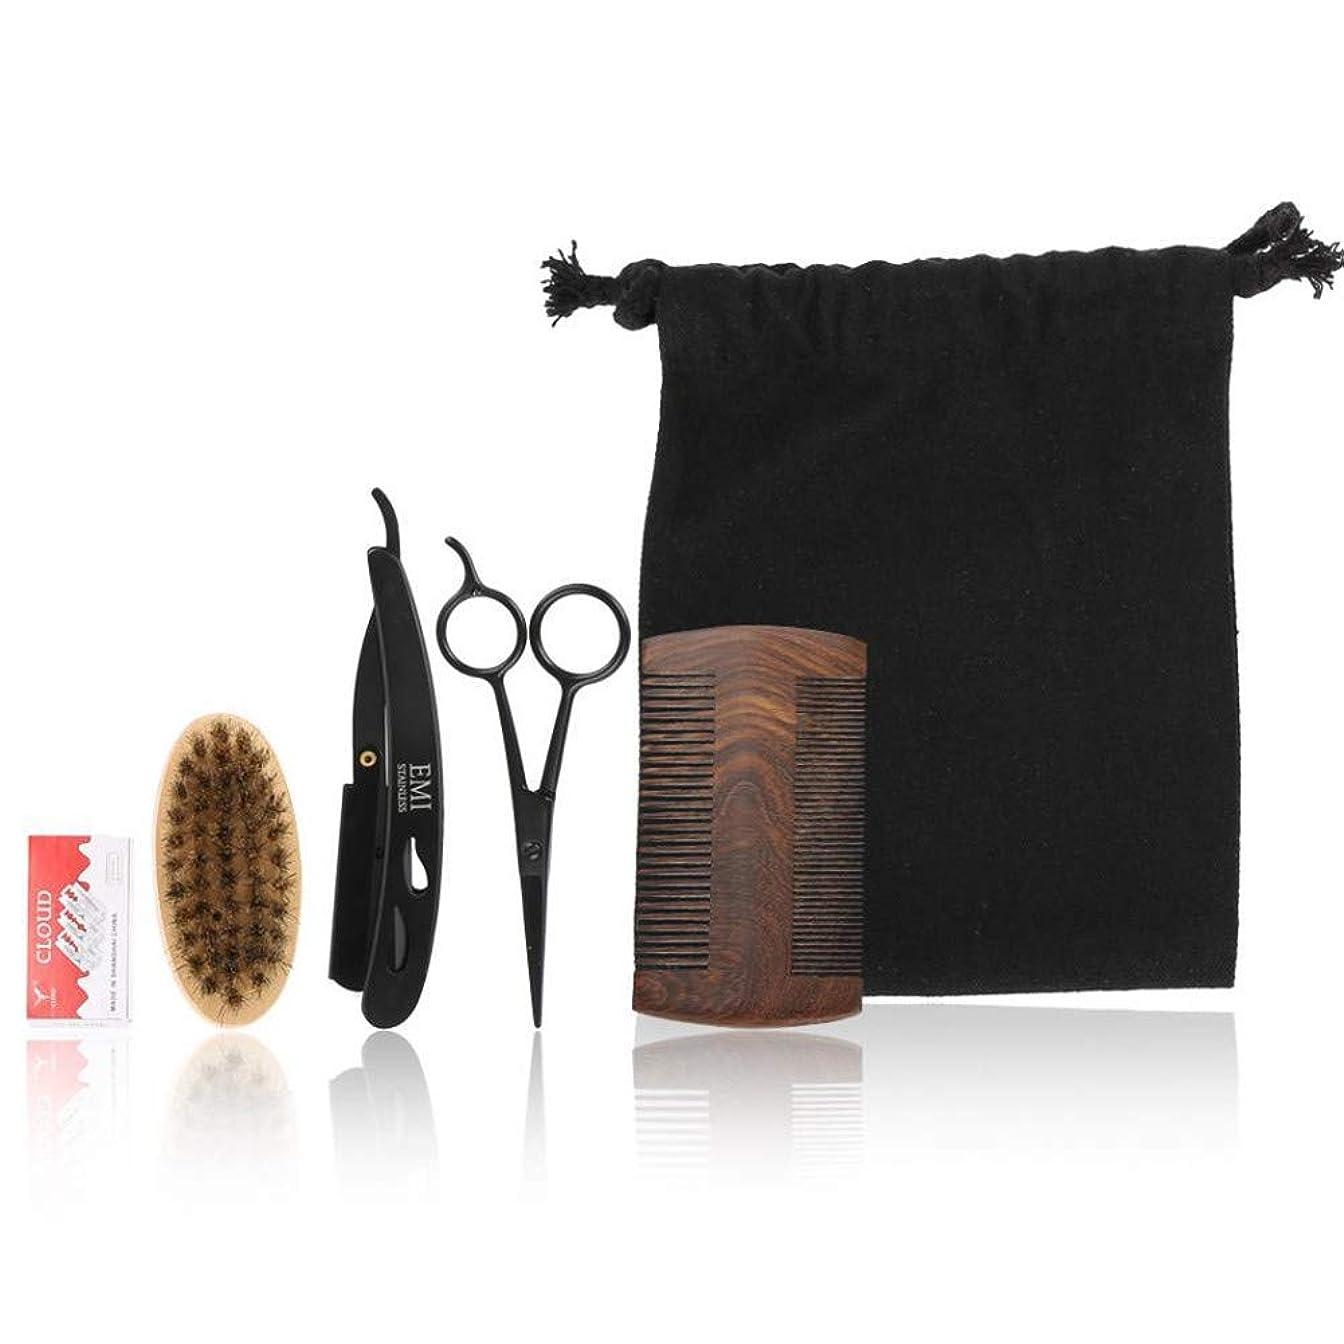 クリケット納屋エジプト髭のケアブラシセットプロフェッショナルスタイル男性櫛ブラシはさみキットモデリングクリーニング修理バッグフェイシャル髭はさみクリーン